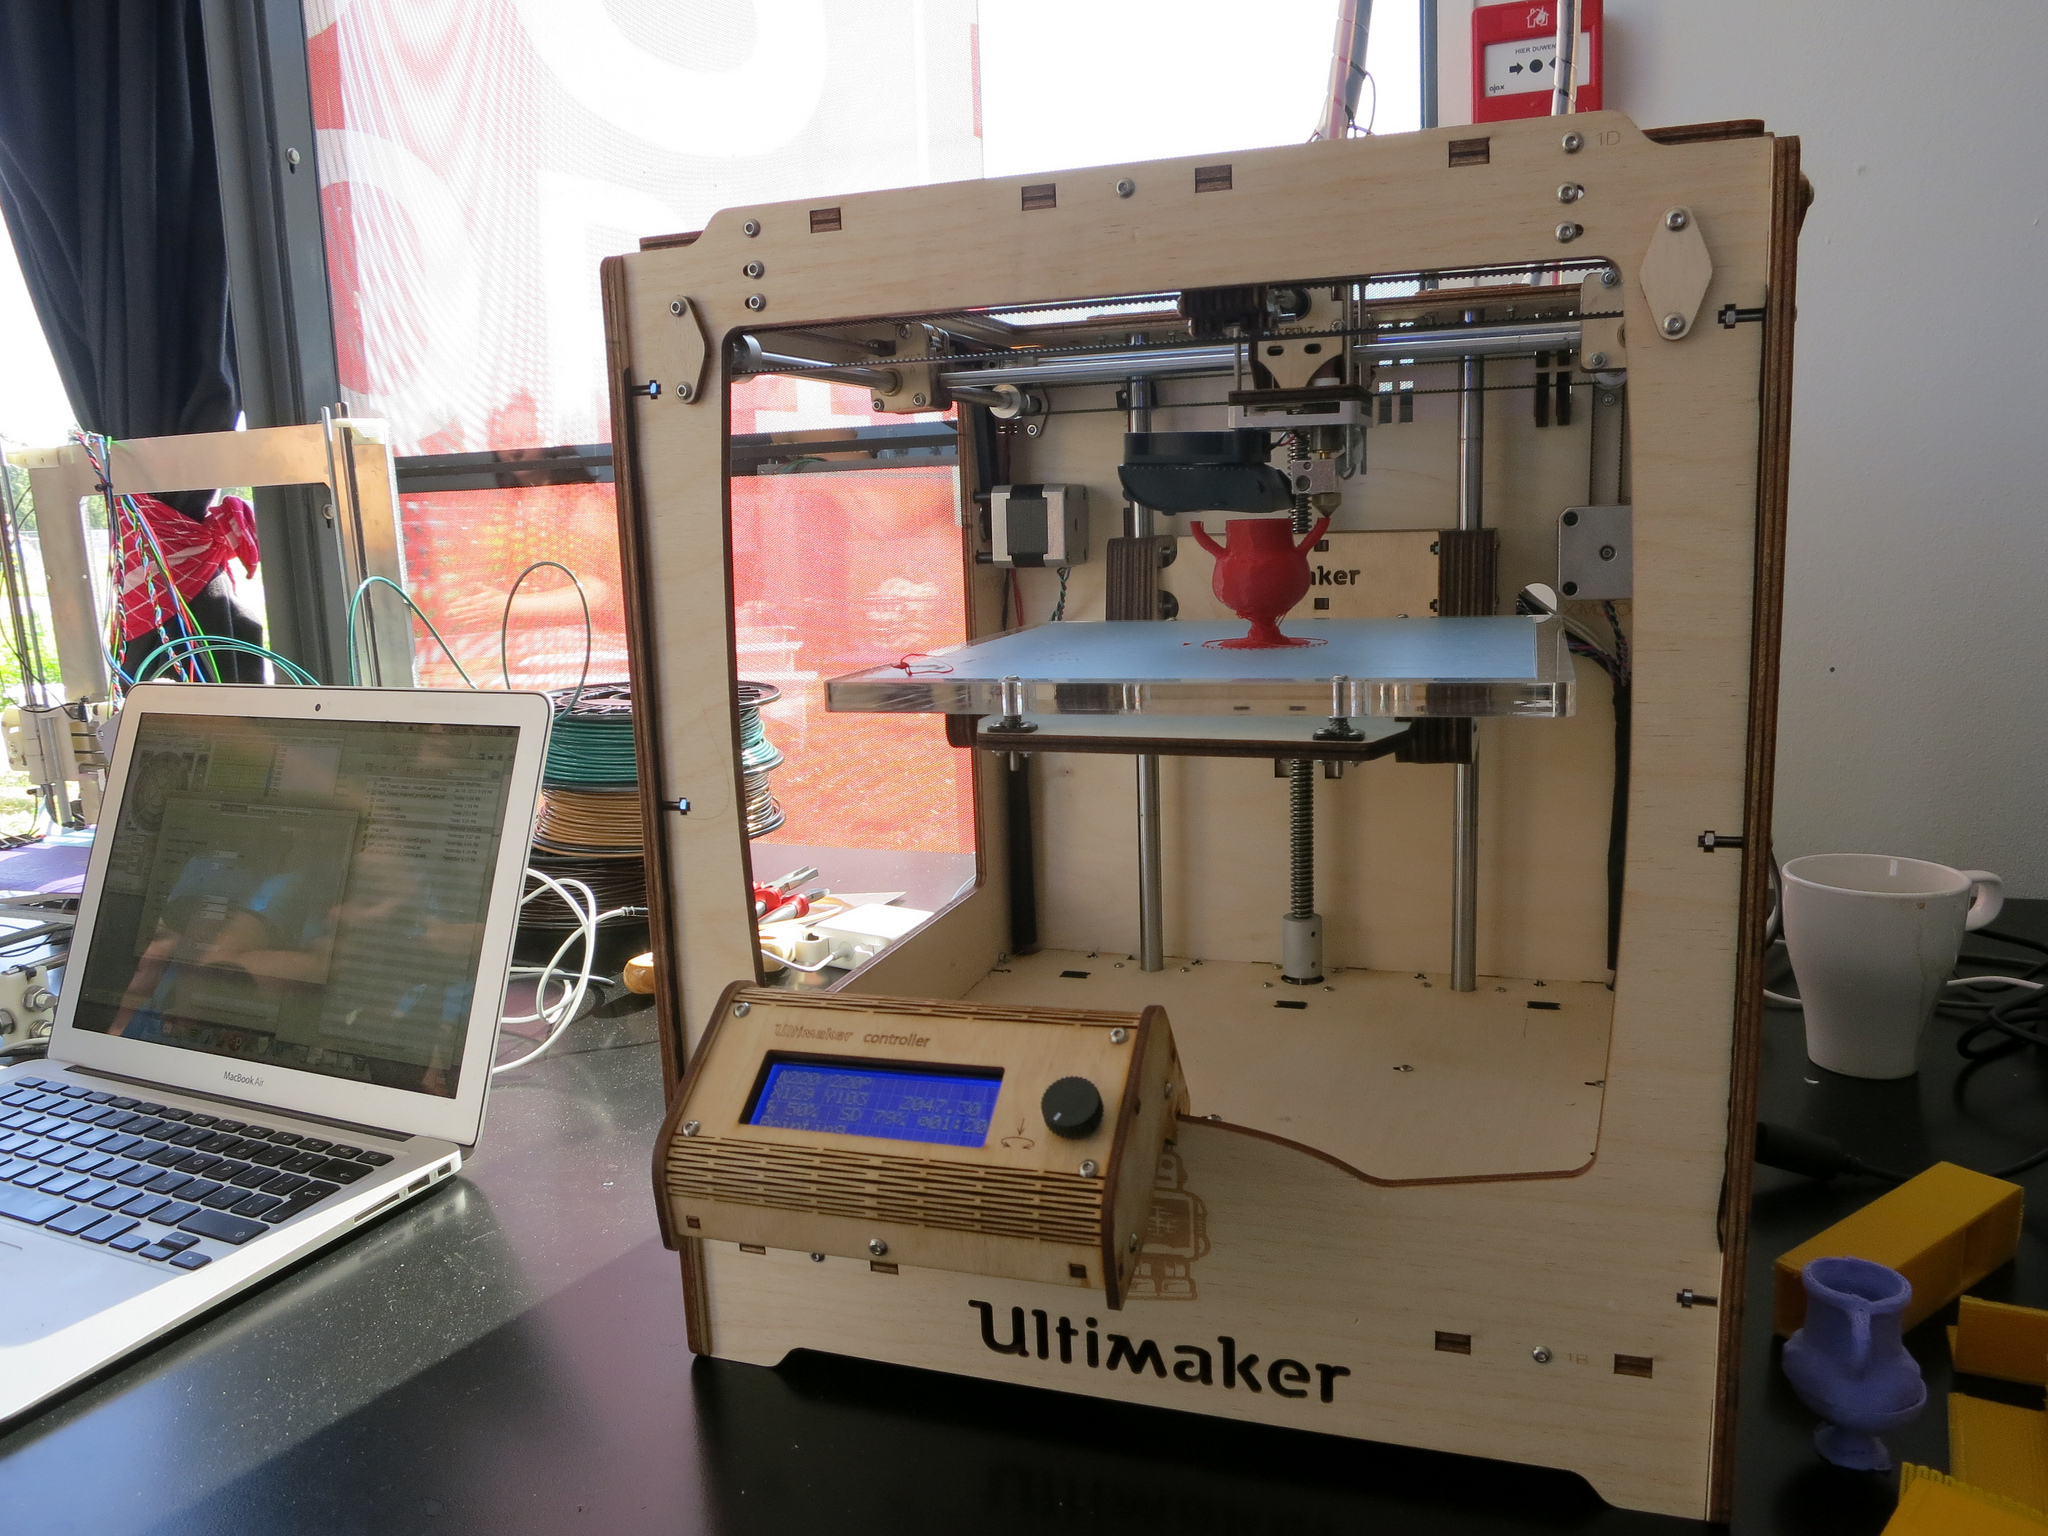 Grundlagen: So funktionieren 3D-Drucker